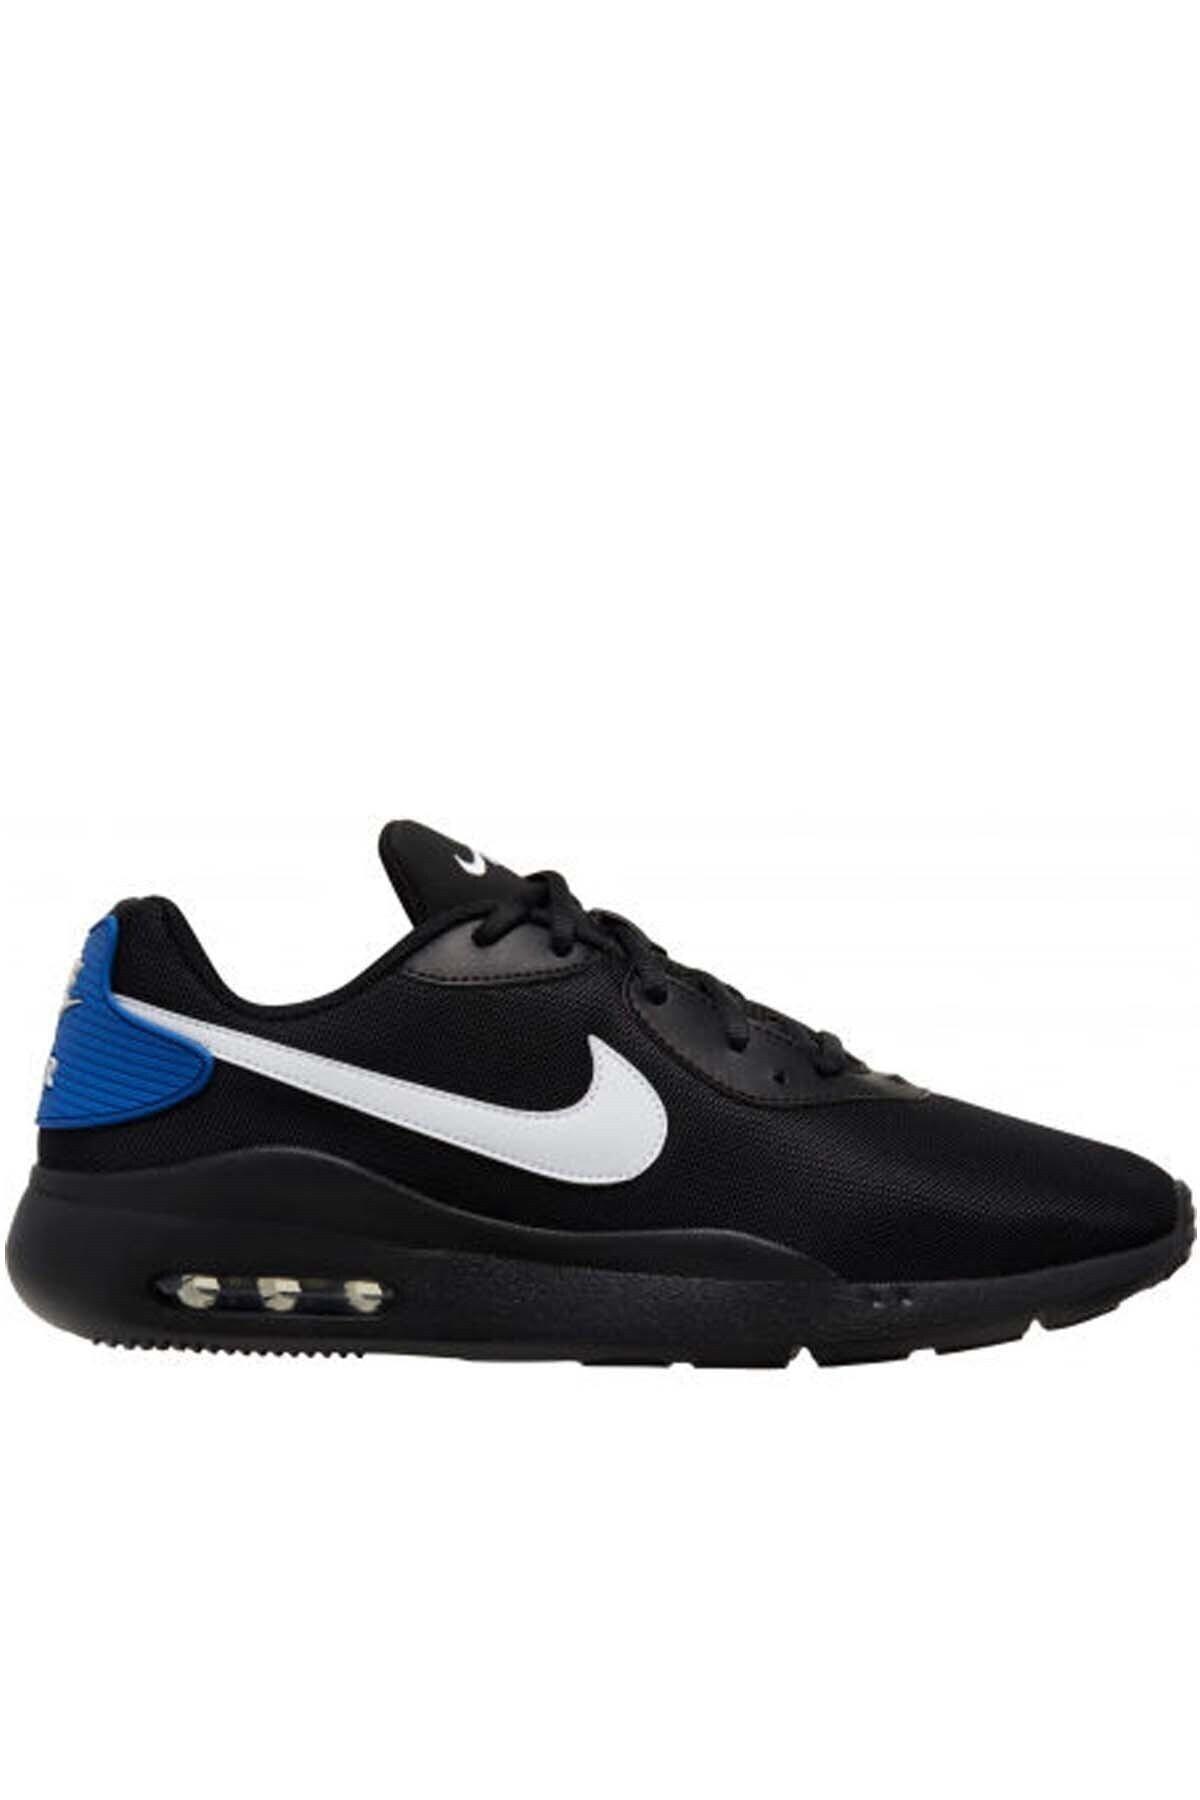 Nike Erkek Siyah Günlük Spor Ayakkabı Aq2235-016 Aır Max Oketo 1